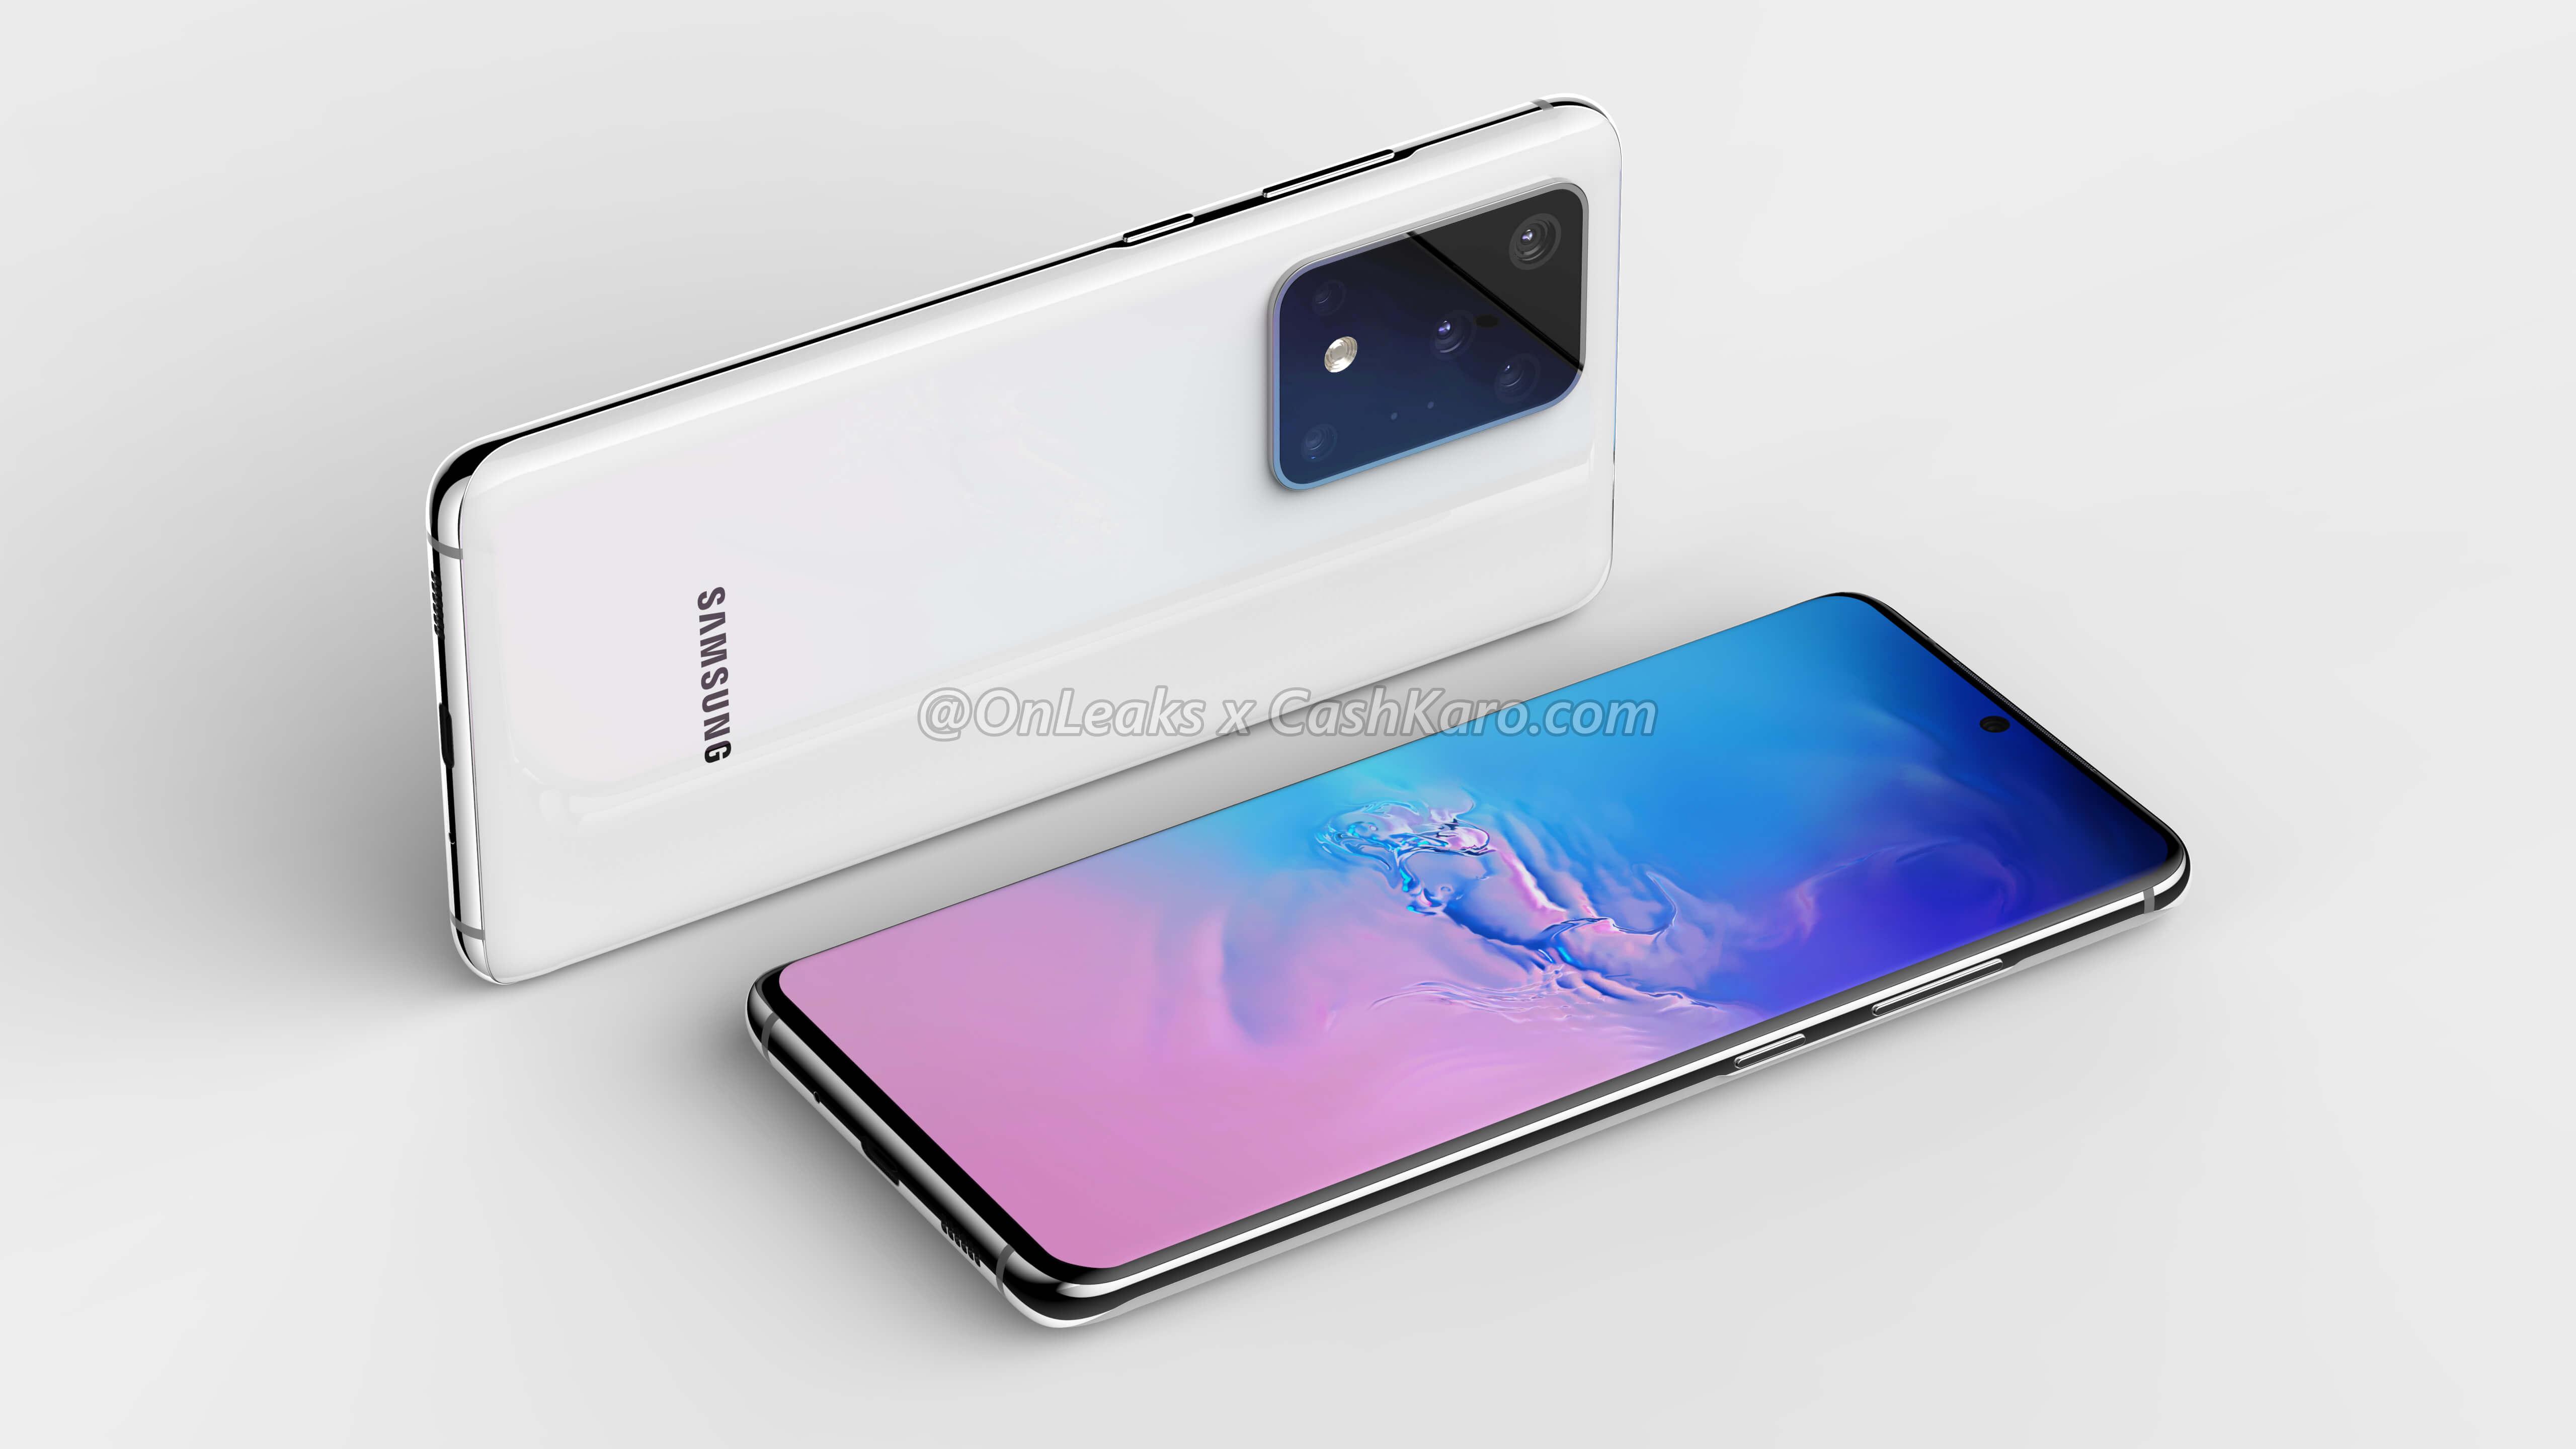 Le Samsung Galaxy S11 profiterait d'un zoom avec capteur de